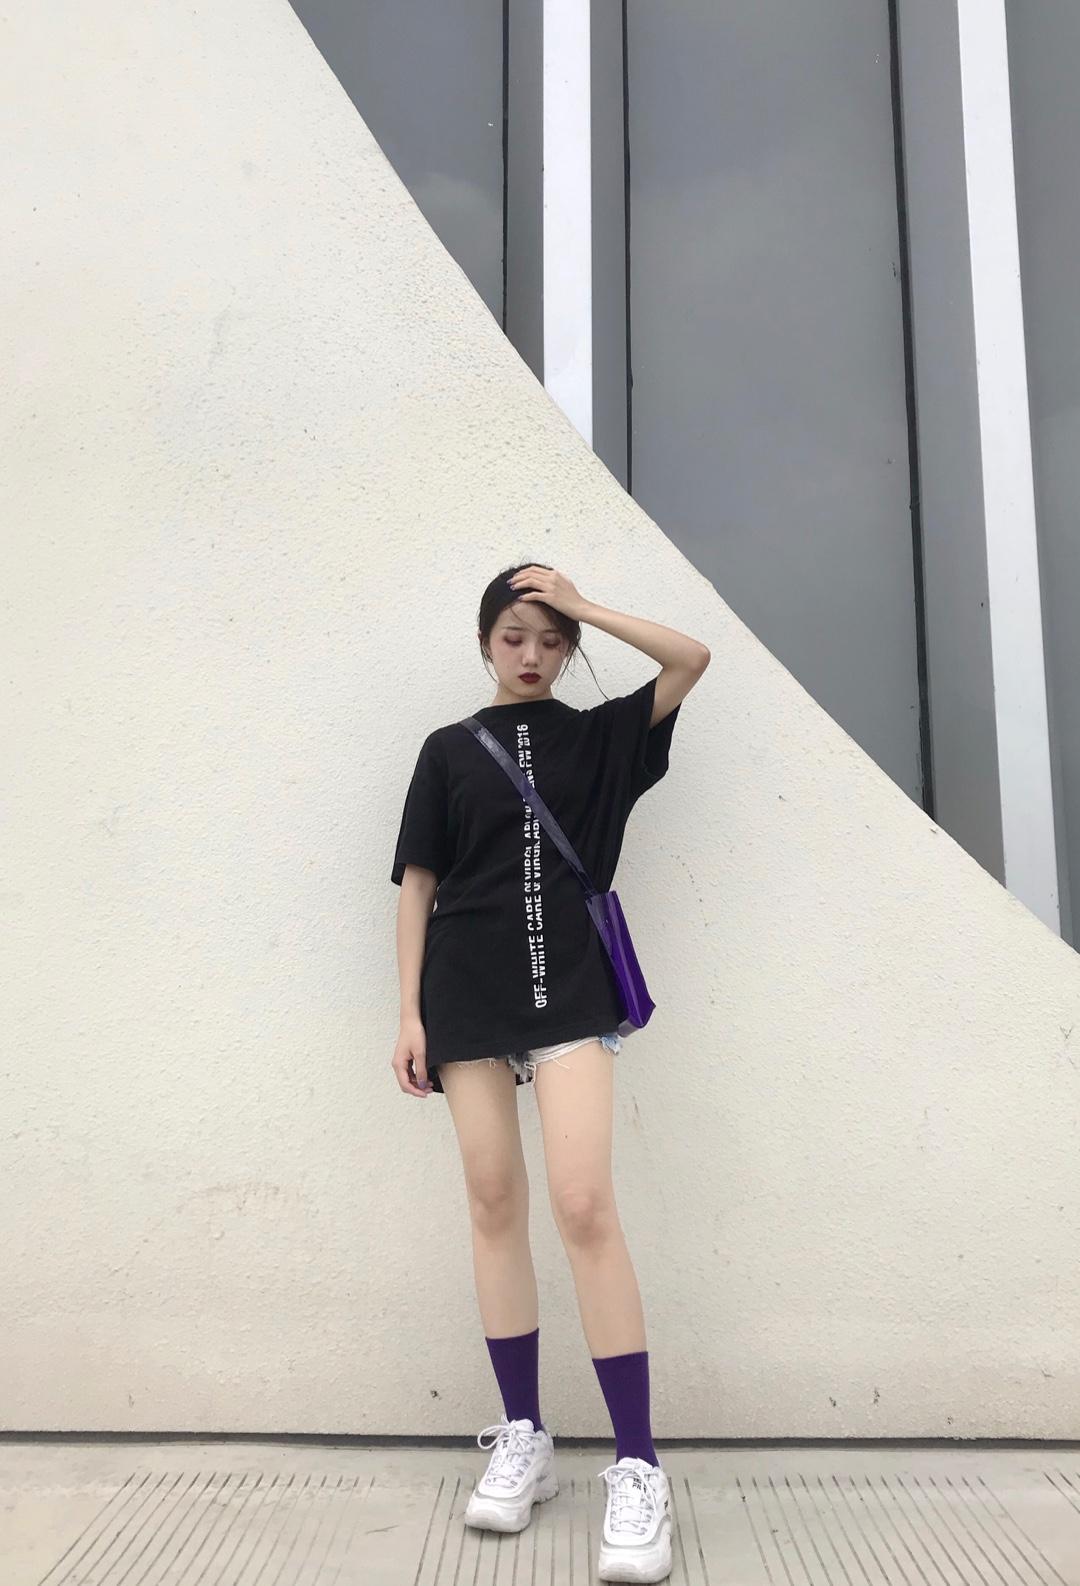 #走路带风,穿上立马降温10度!# 希望大家可以多多关注我呀! 今天是紫色系的酷女孩穿搭 黑色的oversize短袖很适合小个子 配一条热裤看起来腿超级长! 再搭配一个紫色的包包和长袜 一起做gai上最靓的仔